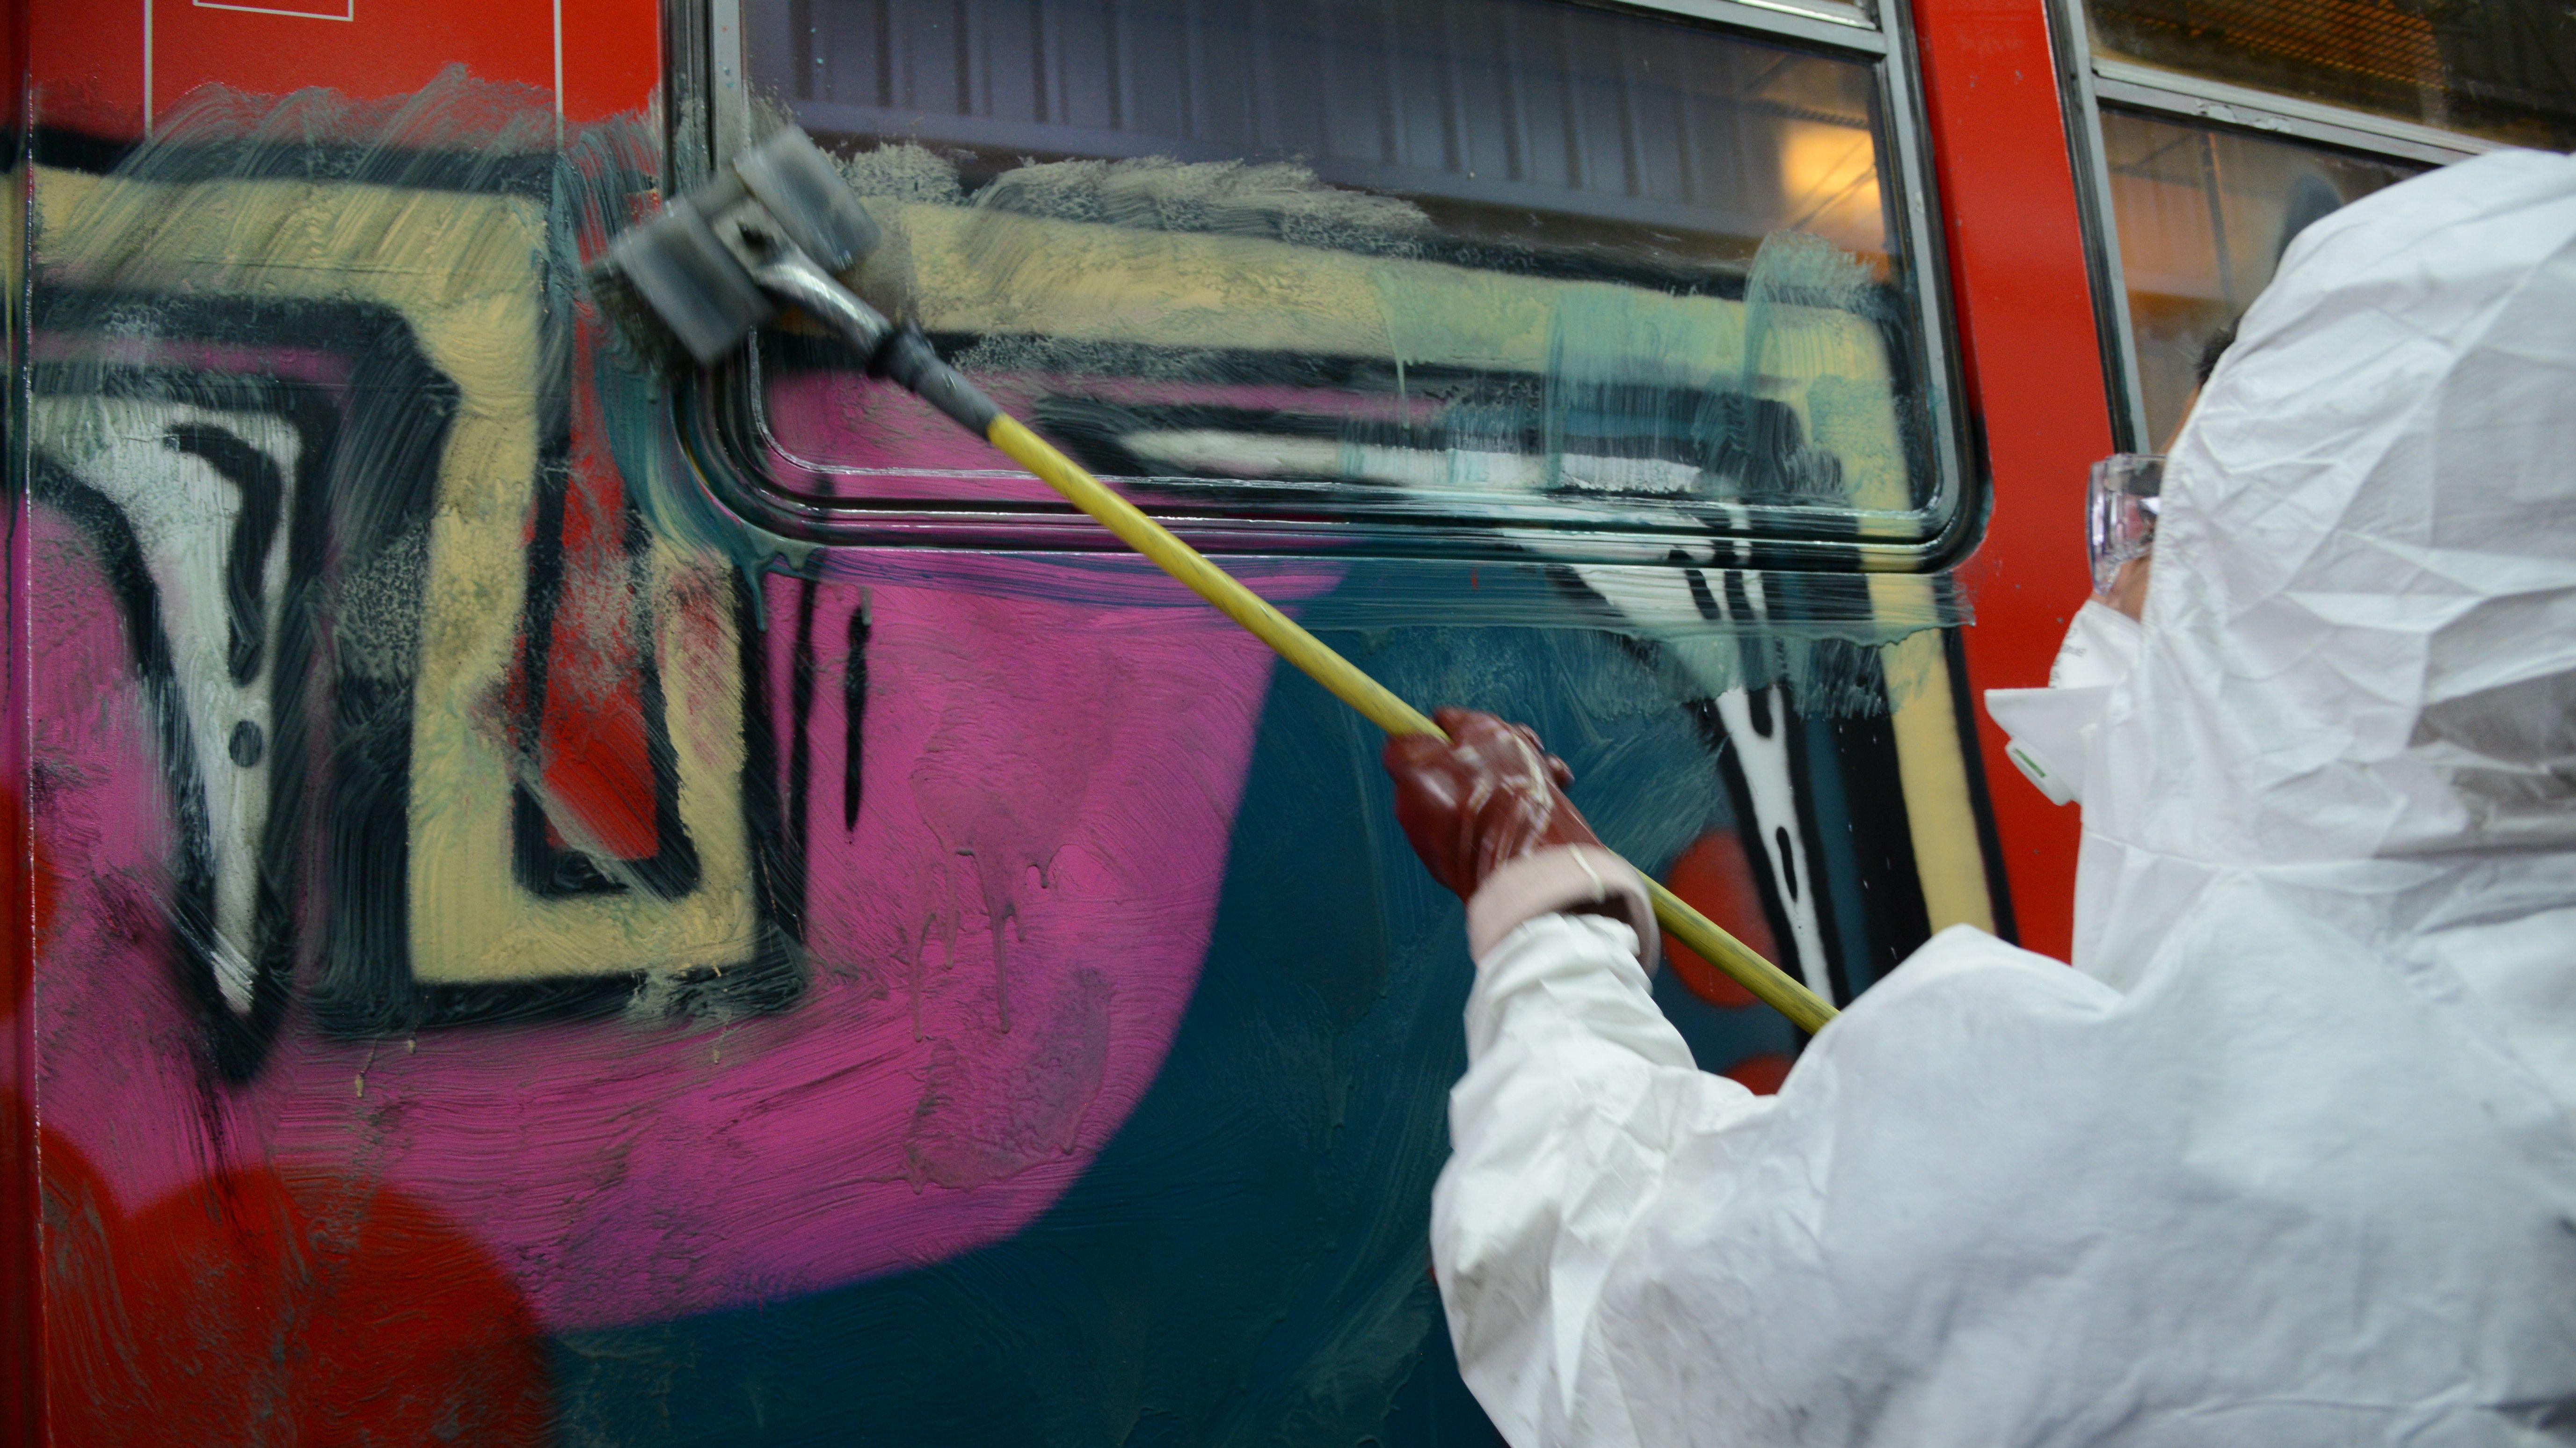 Ein Mitarbeiter der Bahn entfernt ein Graffiti von einem Zug.